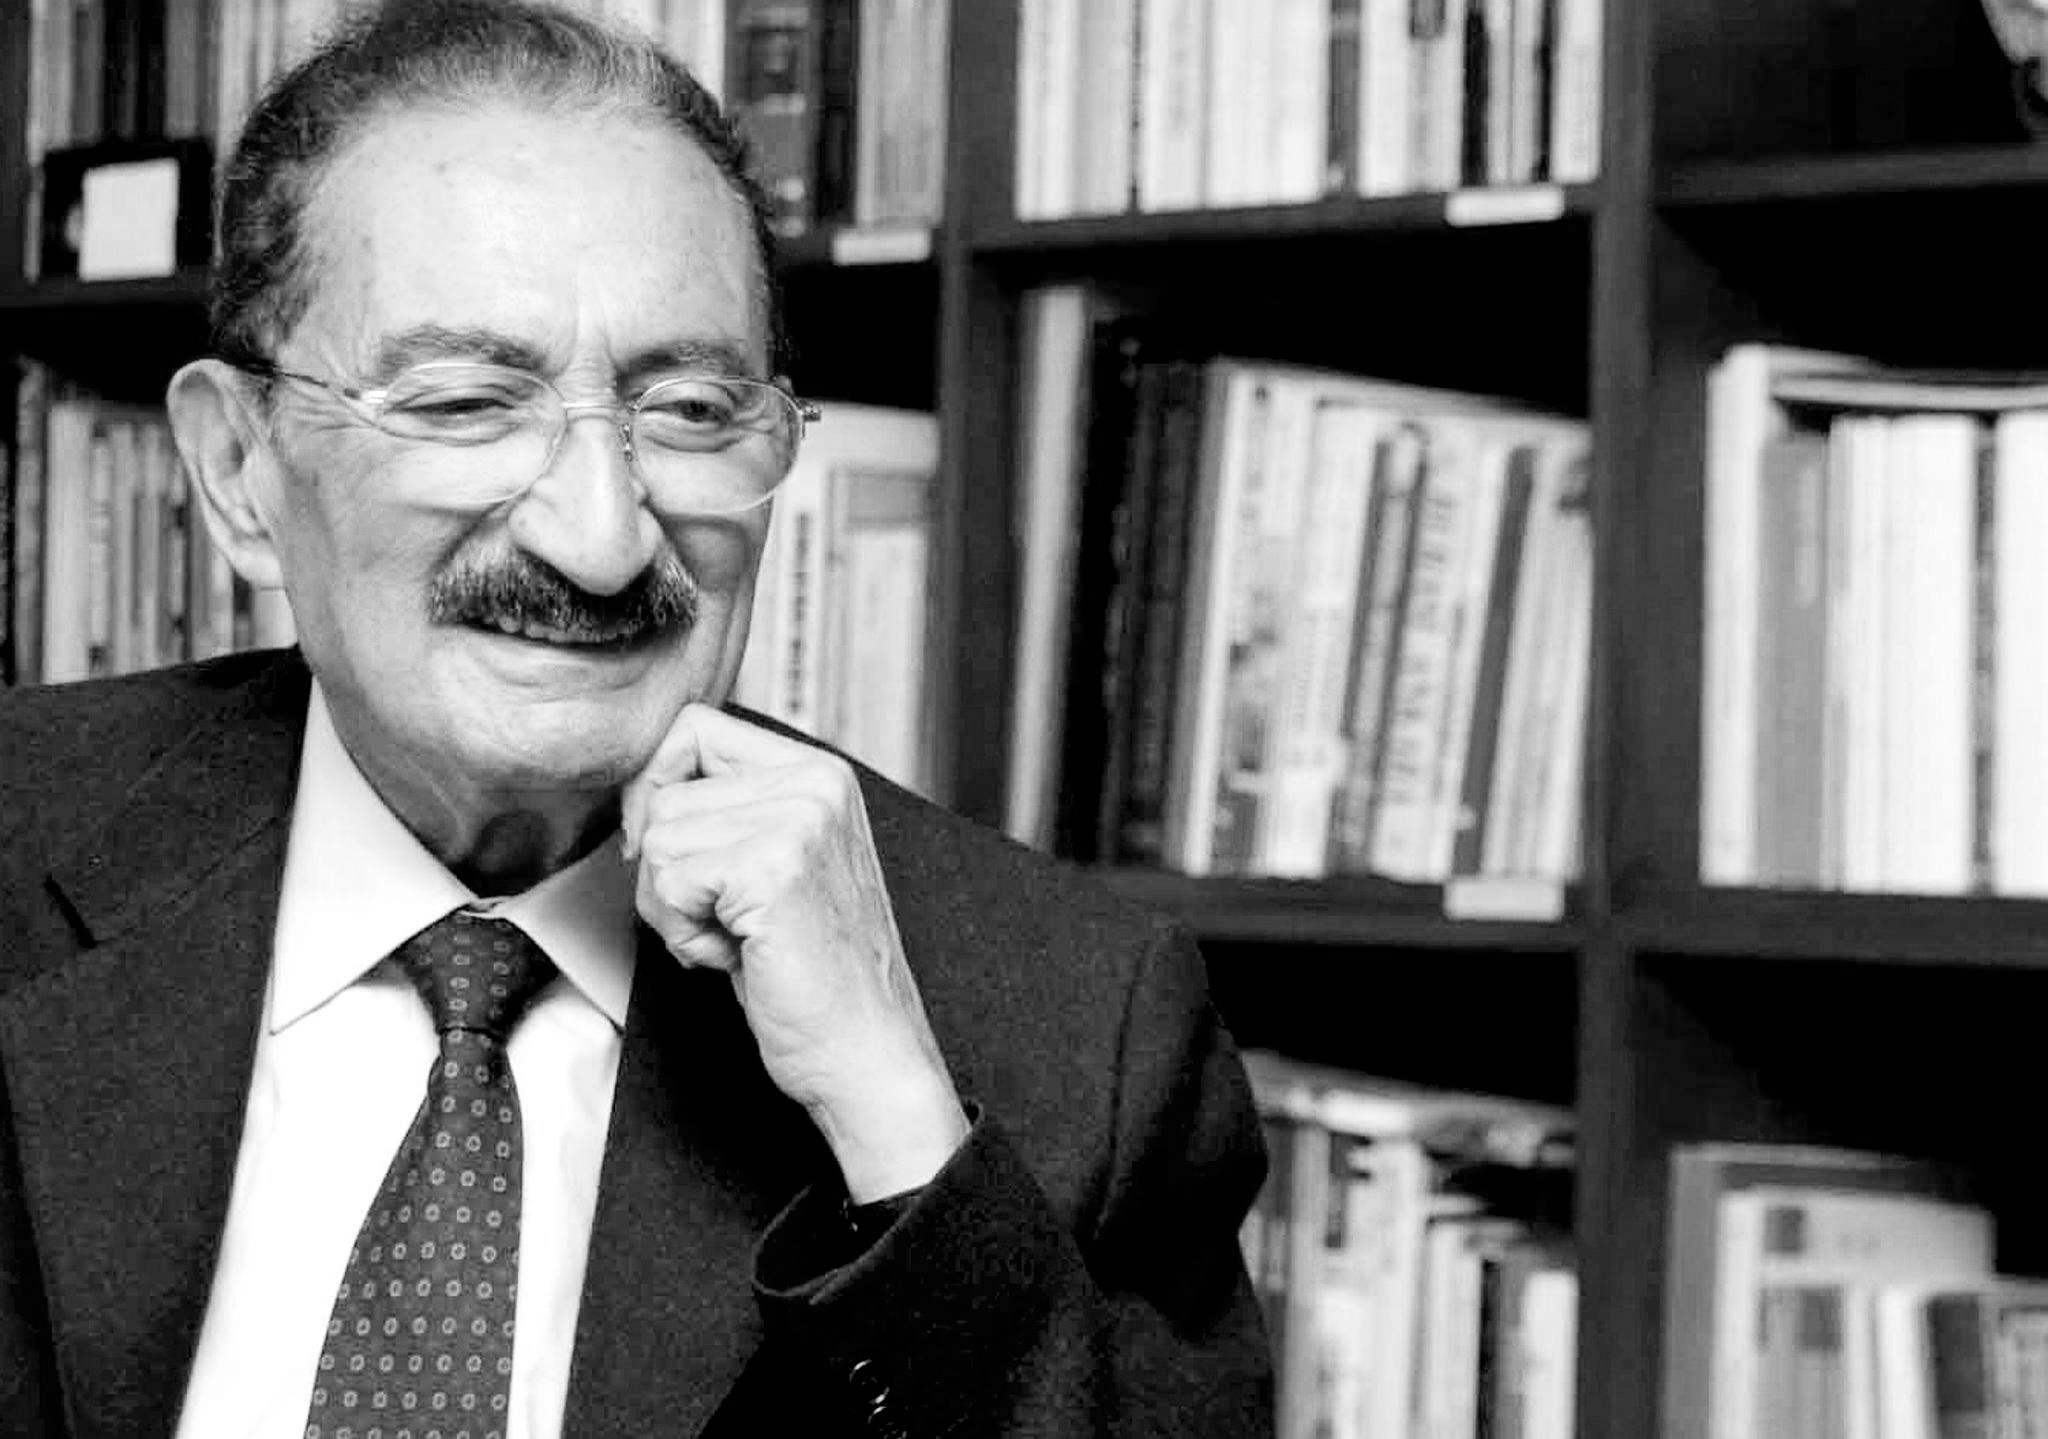 Bülent Ecevit: Herkes şunu kabul ediyor ki, eğer bu topluluğun gayretleri olmasaydı Orta Asya'daki Türk Cumhuriyetleri kolaylıkla İran köktendinciliğinin altına girebilirdi. Bunları önlemiş bulunuyor.